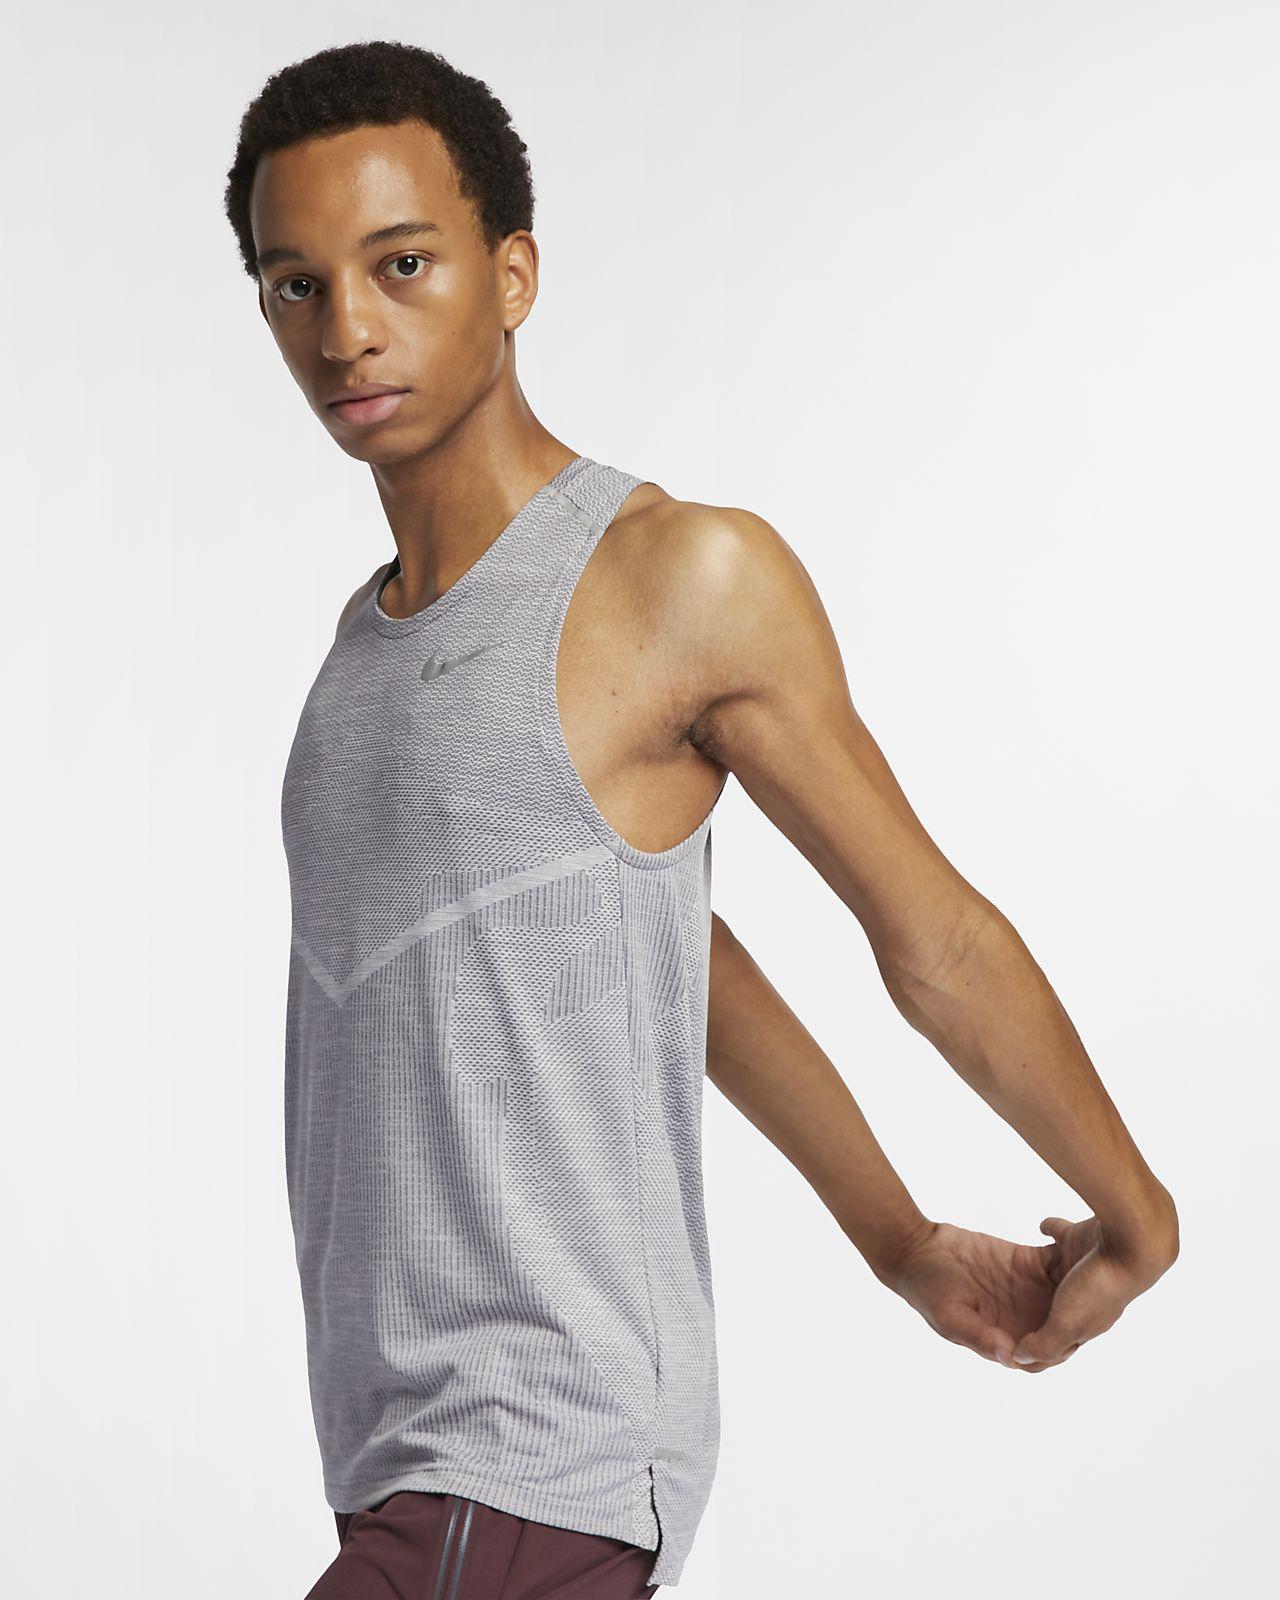 Nike TechKnit Cool løpesinglet til herre